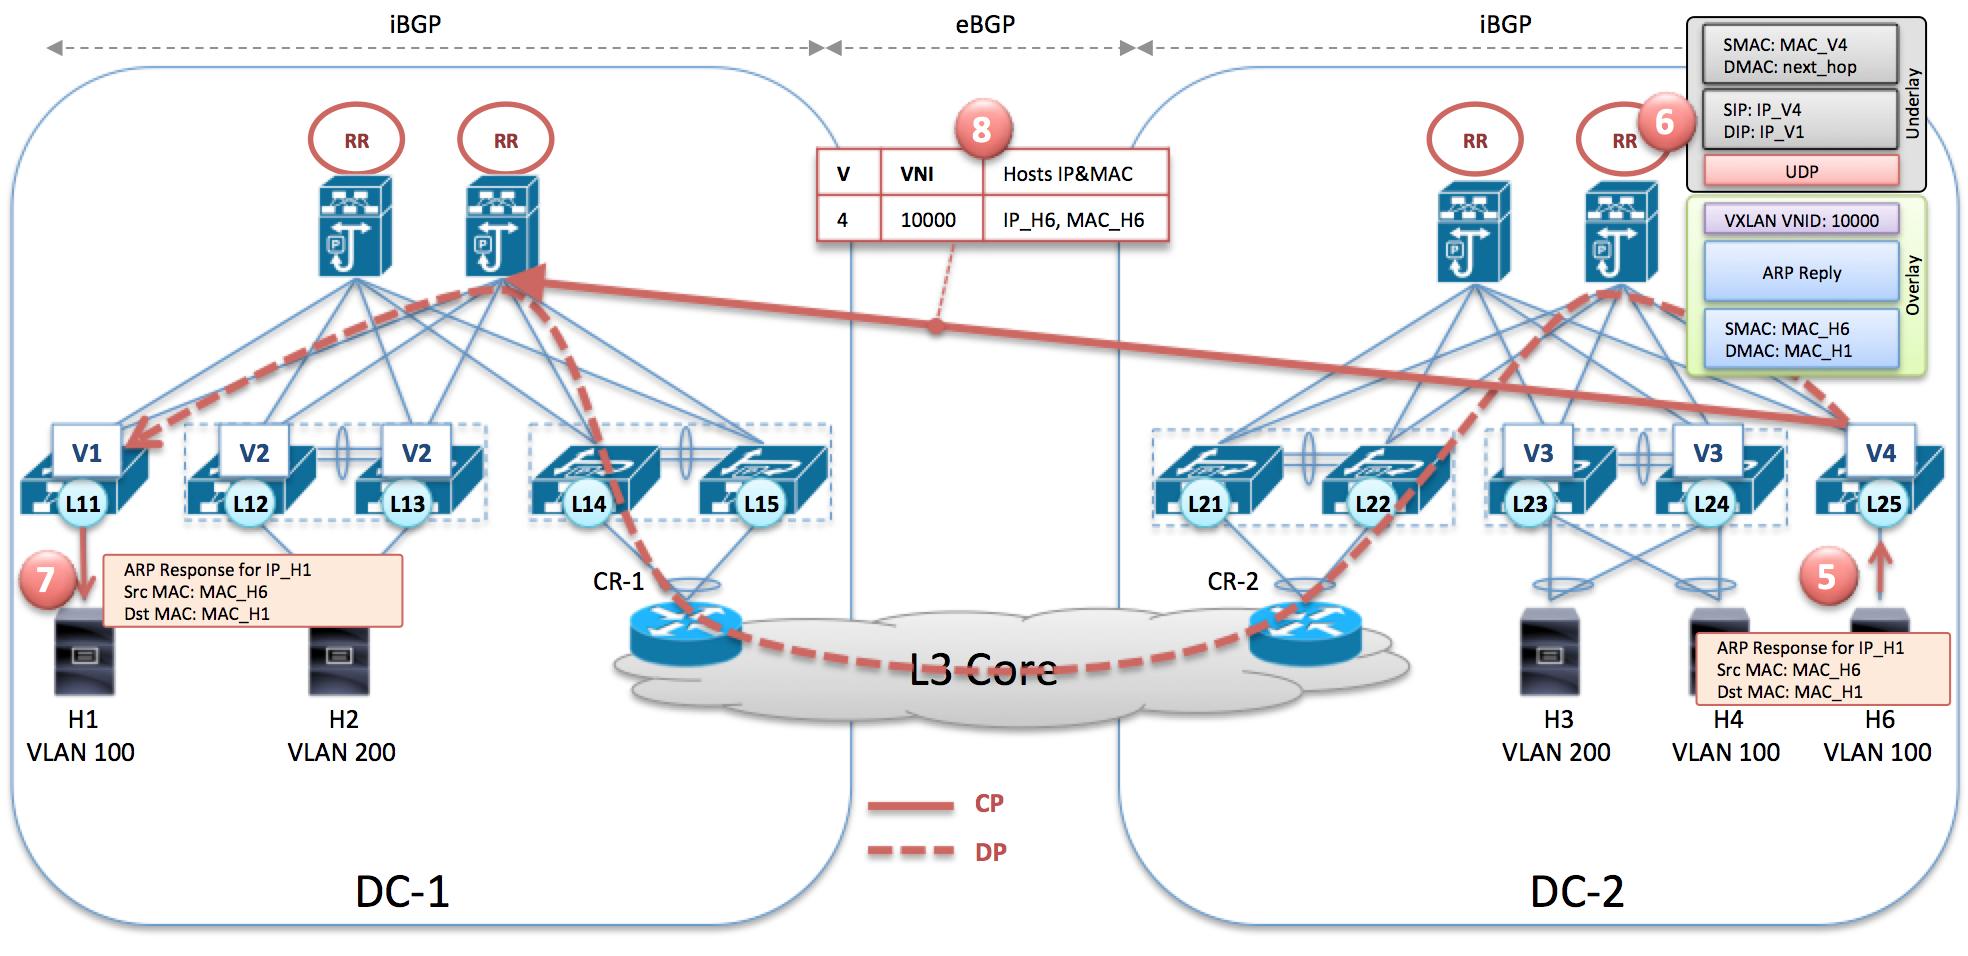 BGP EVPN AF Silent host update to BGP